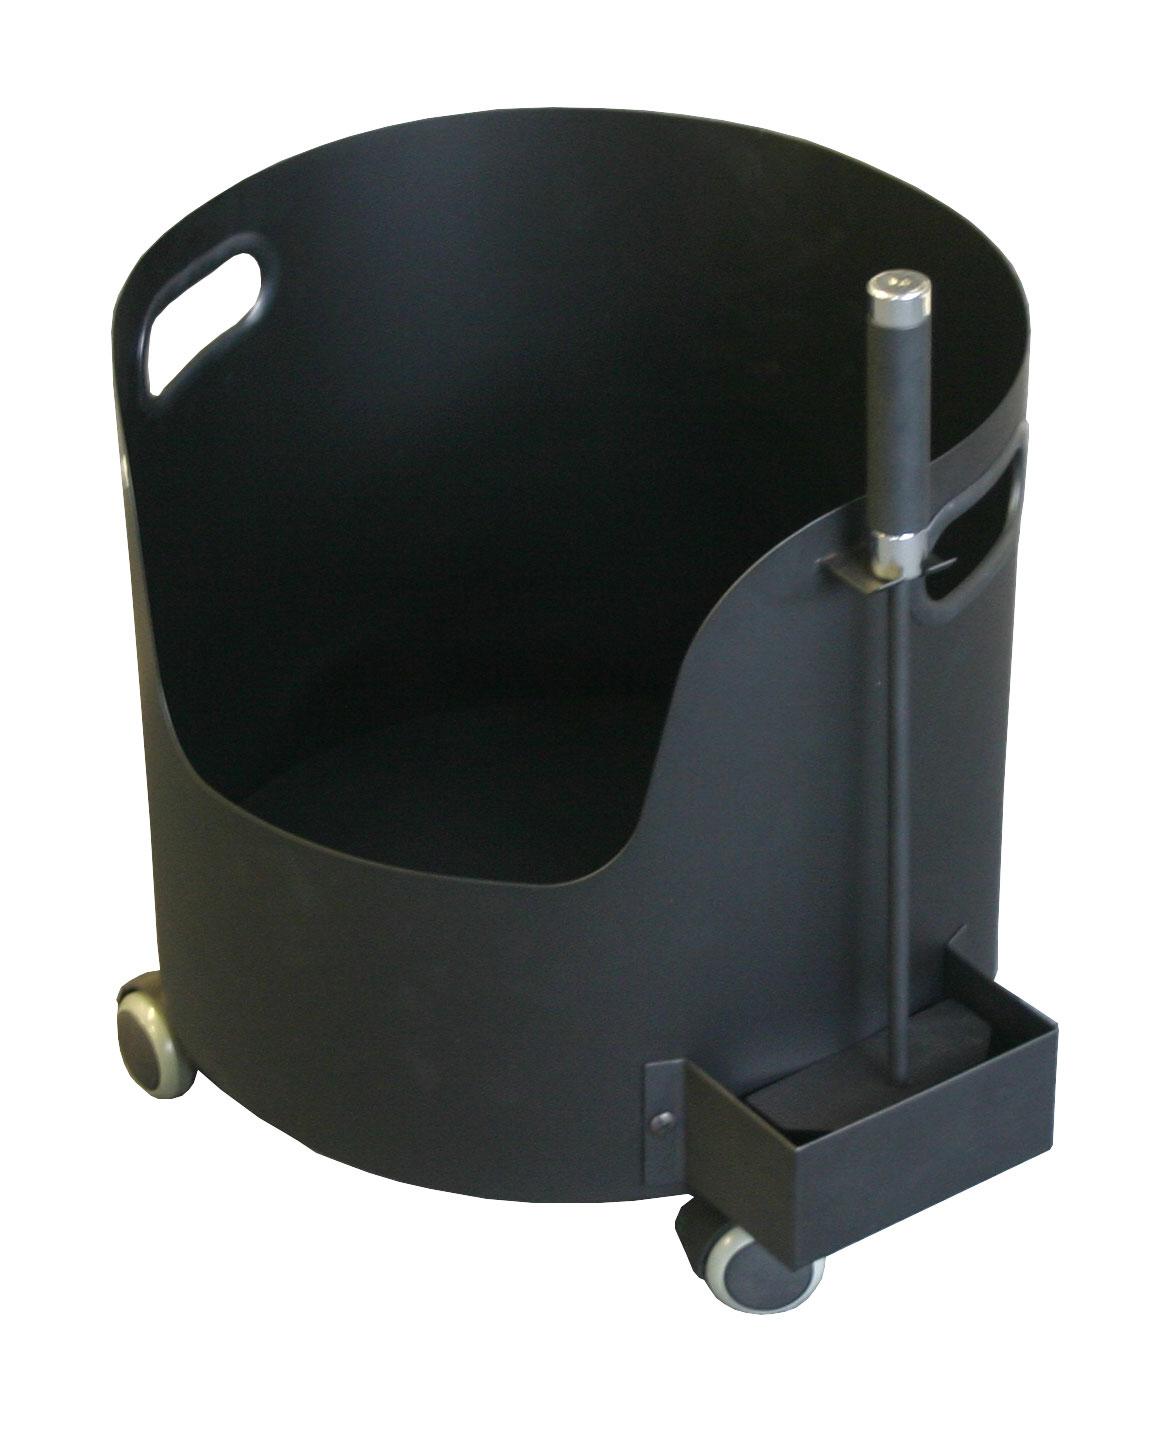 Holzkorb / Holzwagen Süd-Metall auf Rollen mit Schürhaken Ø 37cm Bild 1